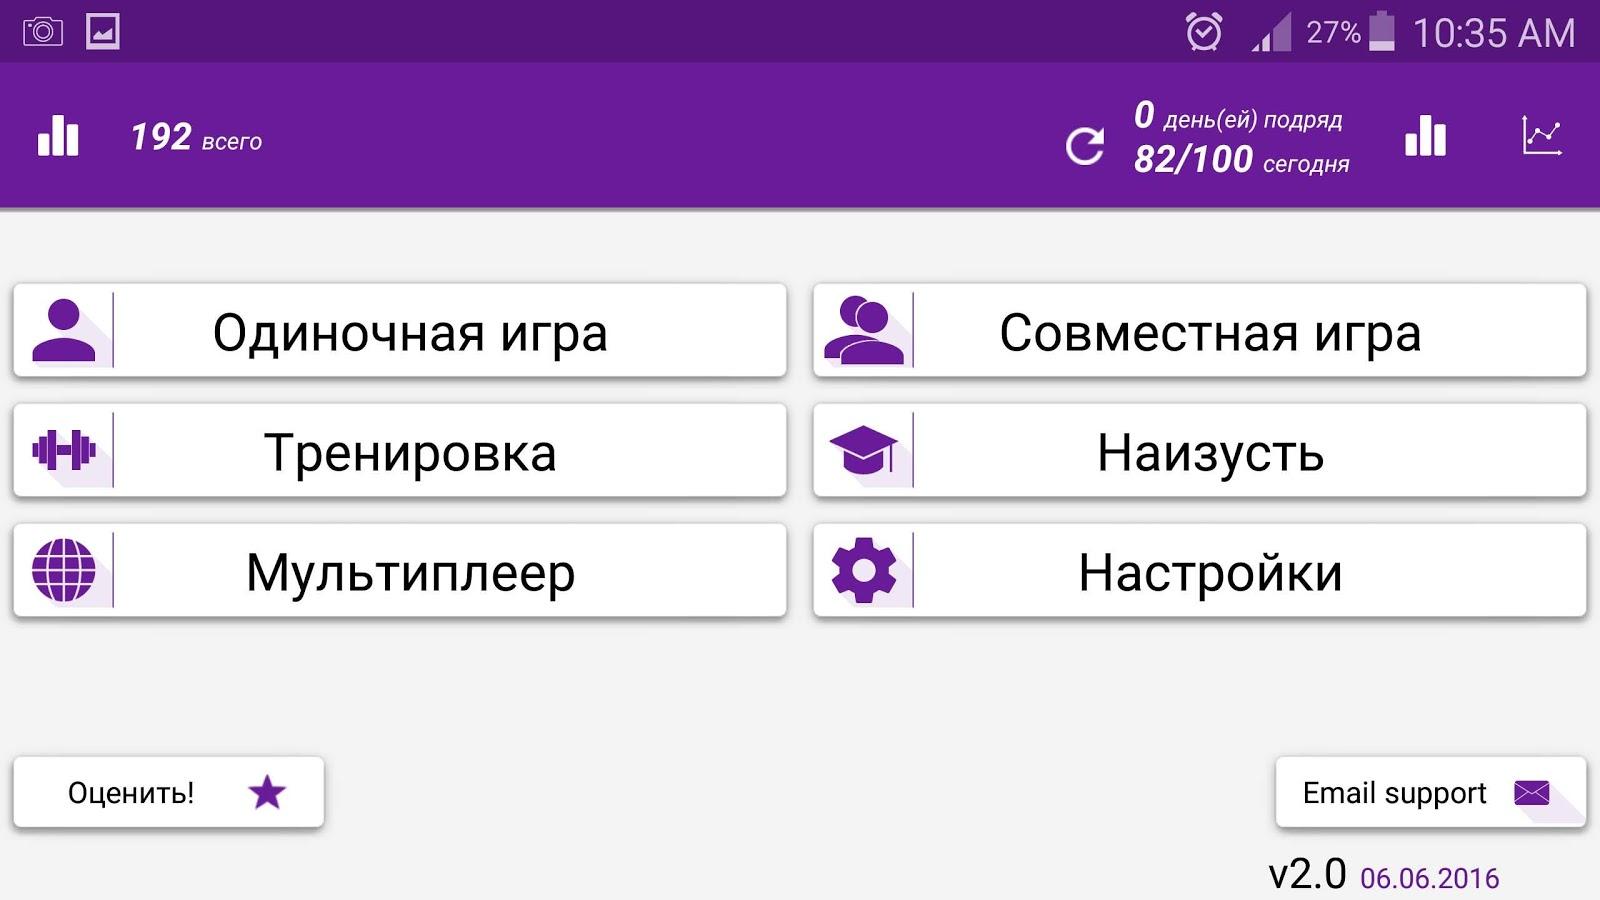 Головоломки для Android - Логические игры